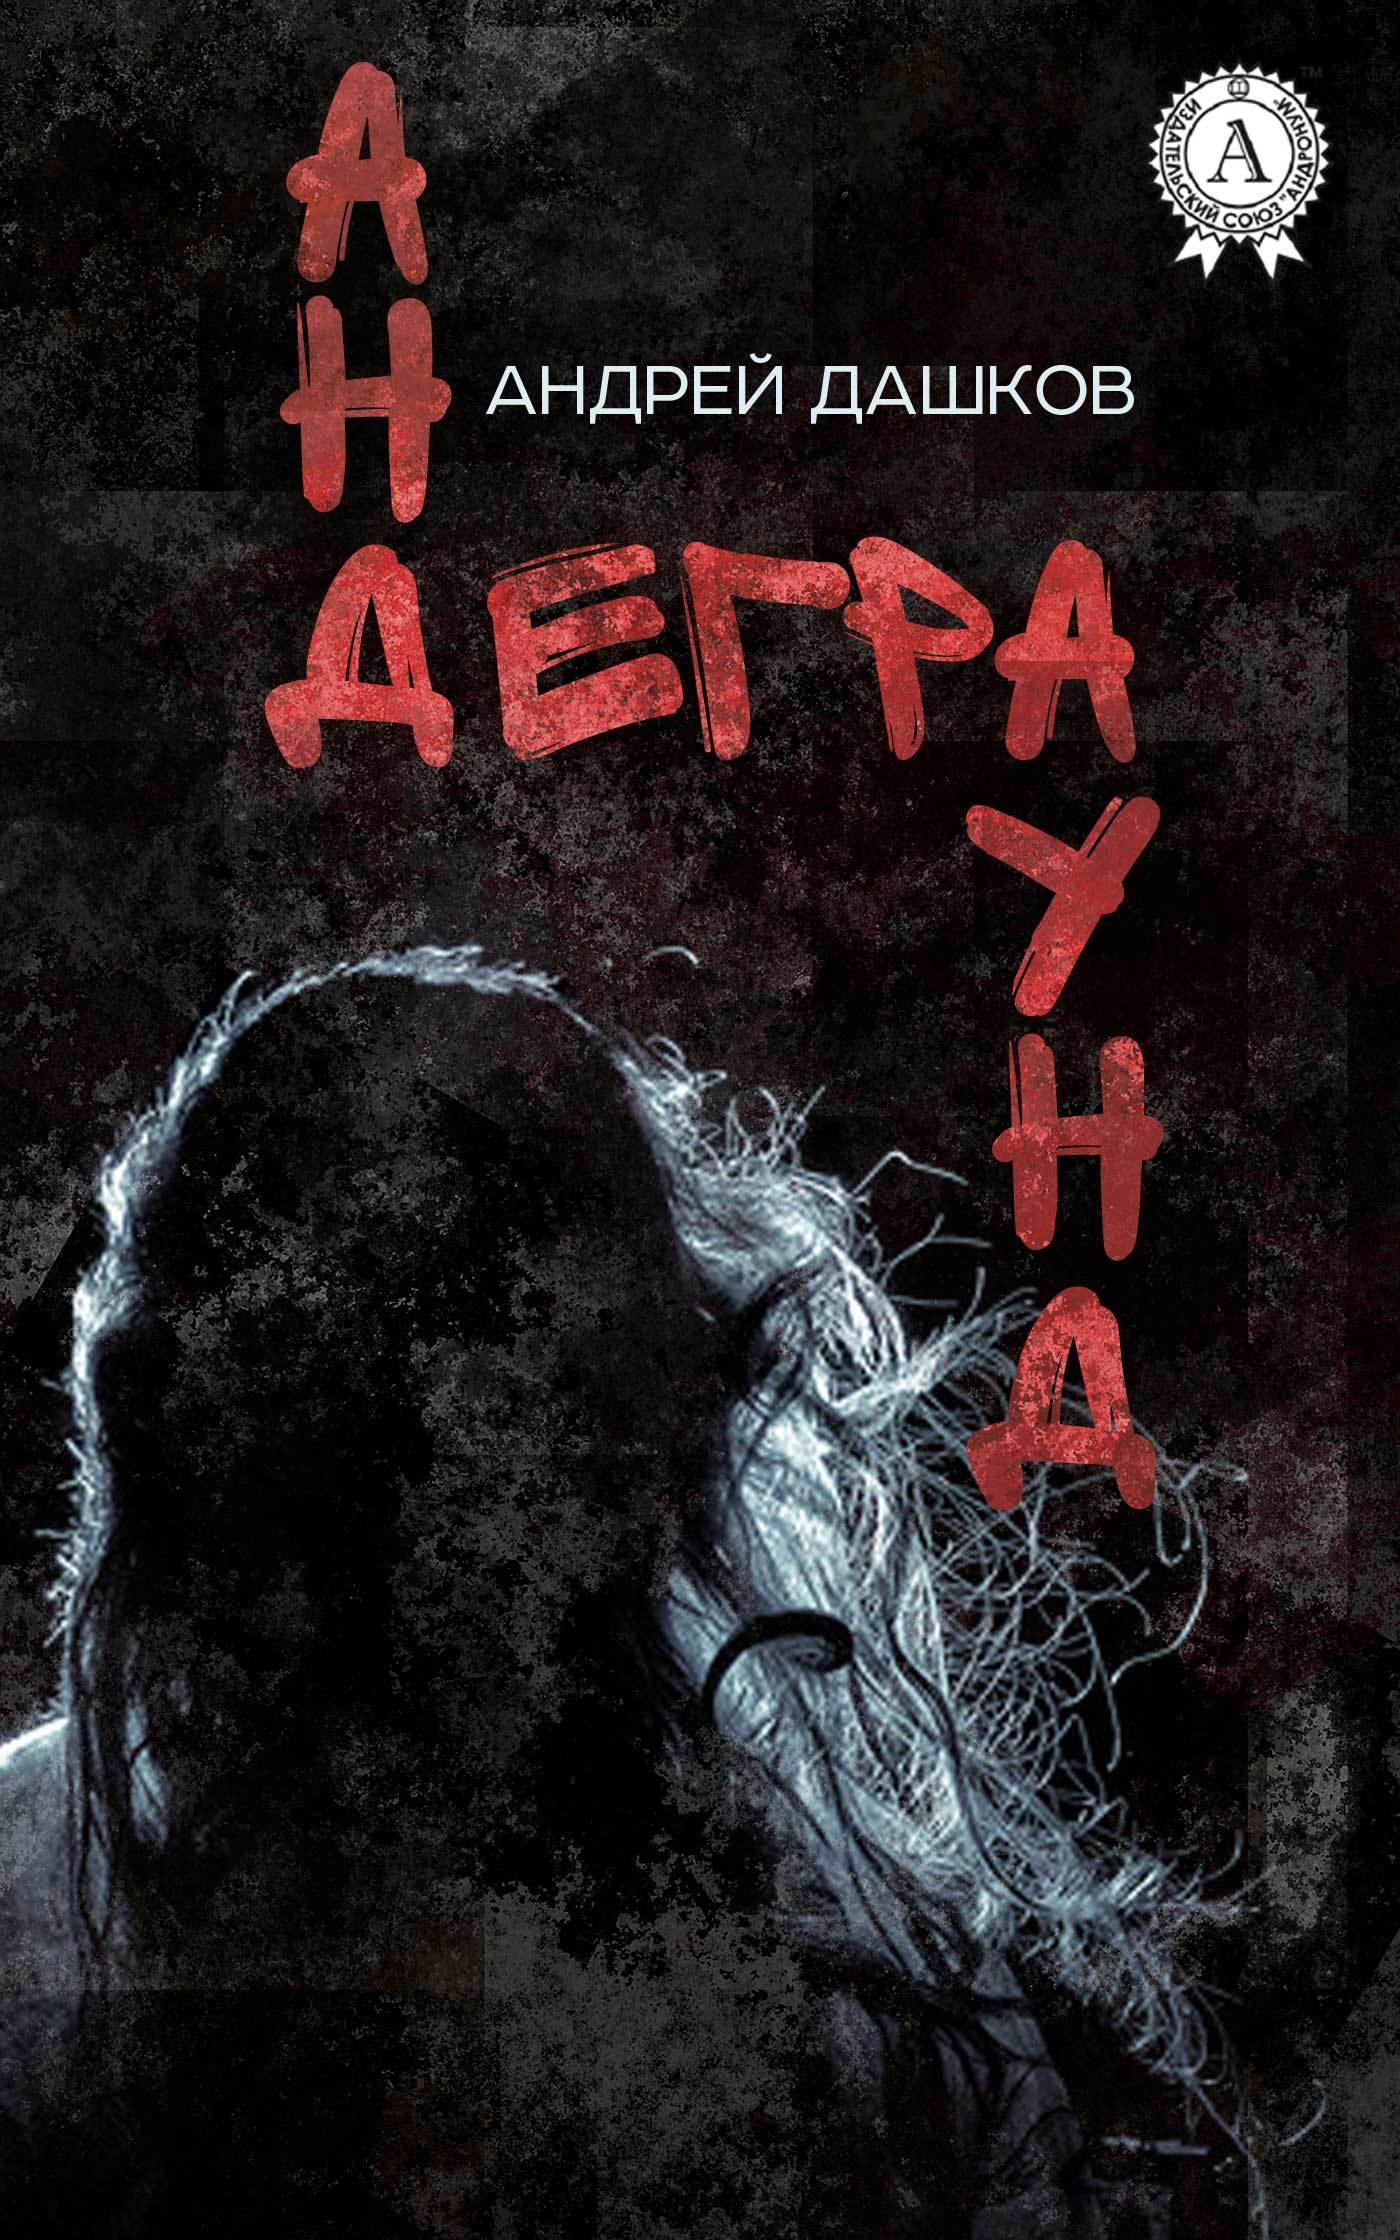 Андрей дашков книги скачать бесплатно торрент